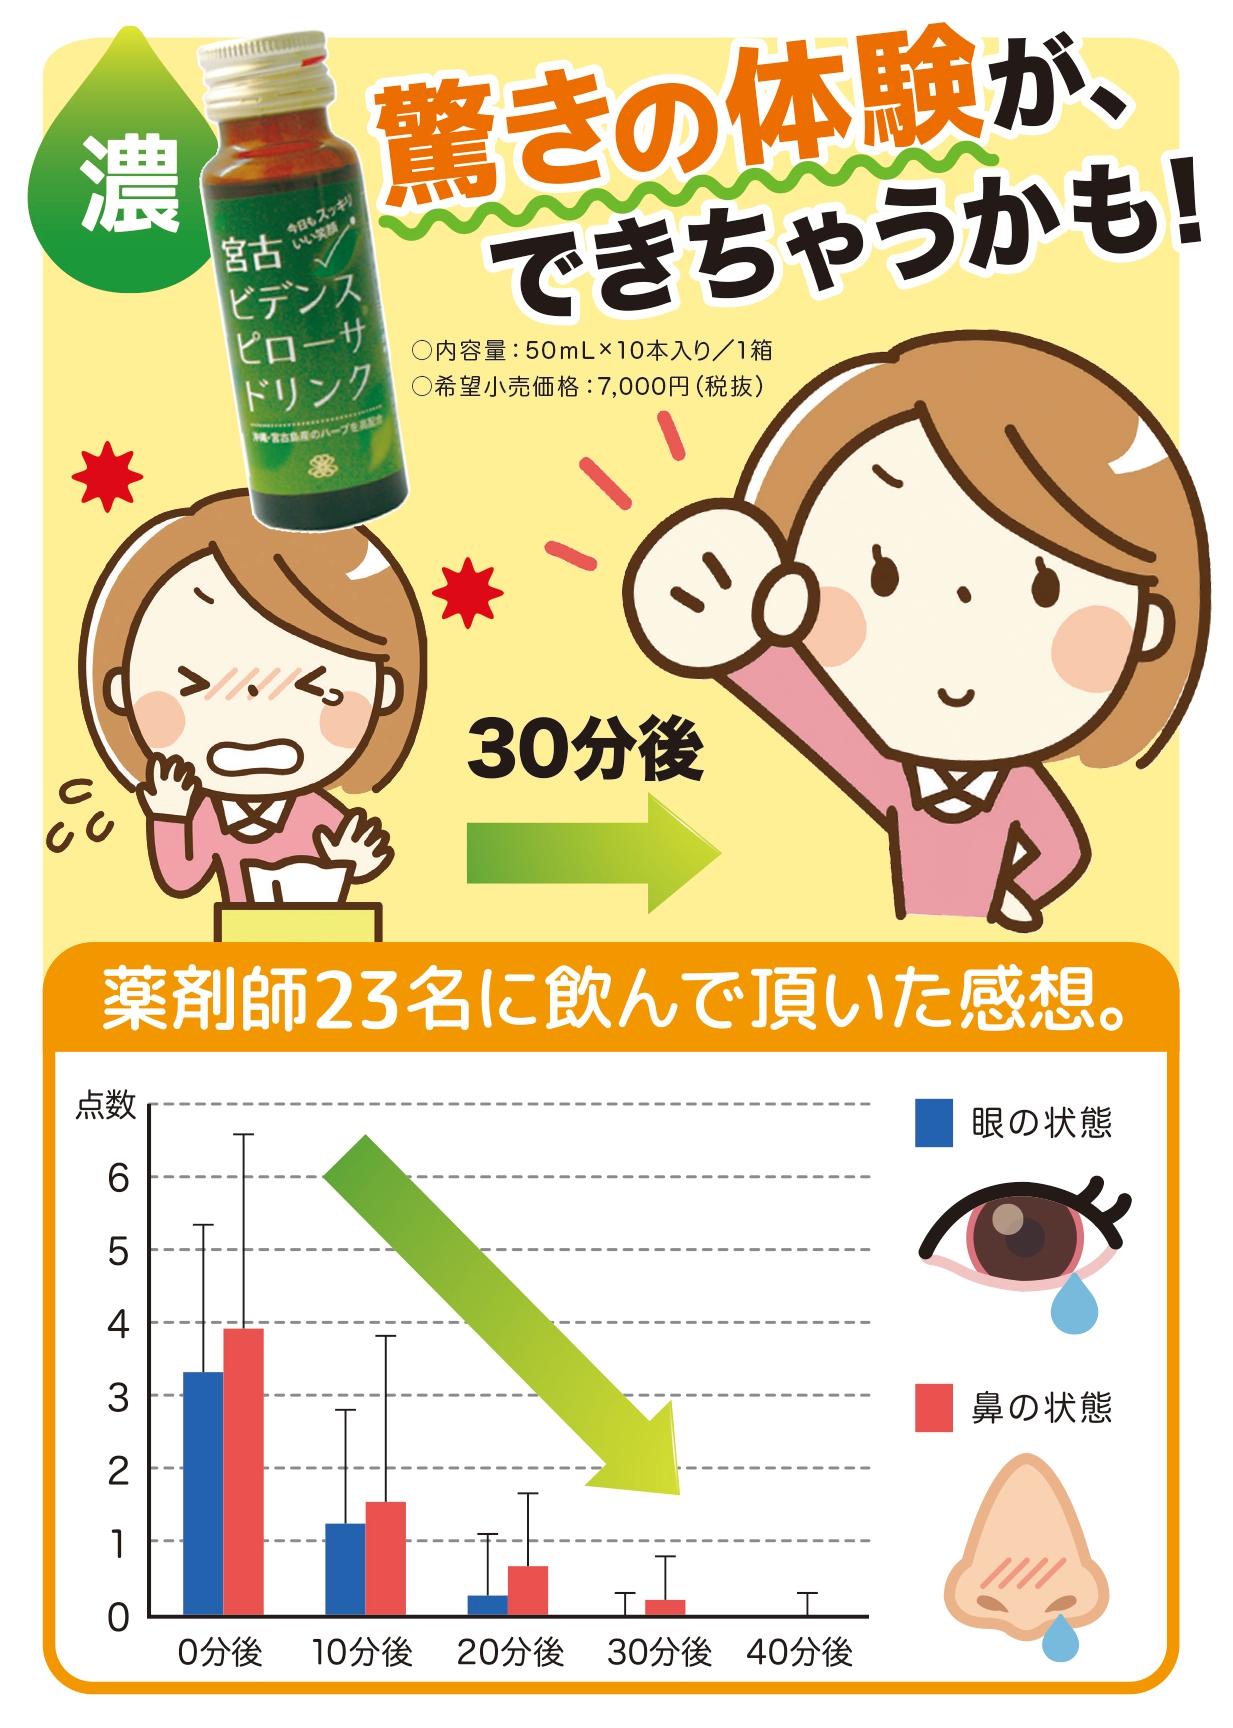 花粉症の季節です。目や鼻がすっきりしない方にお試し頂きたい商品です!